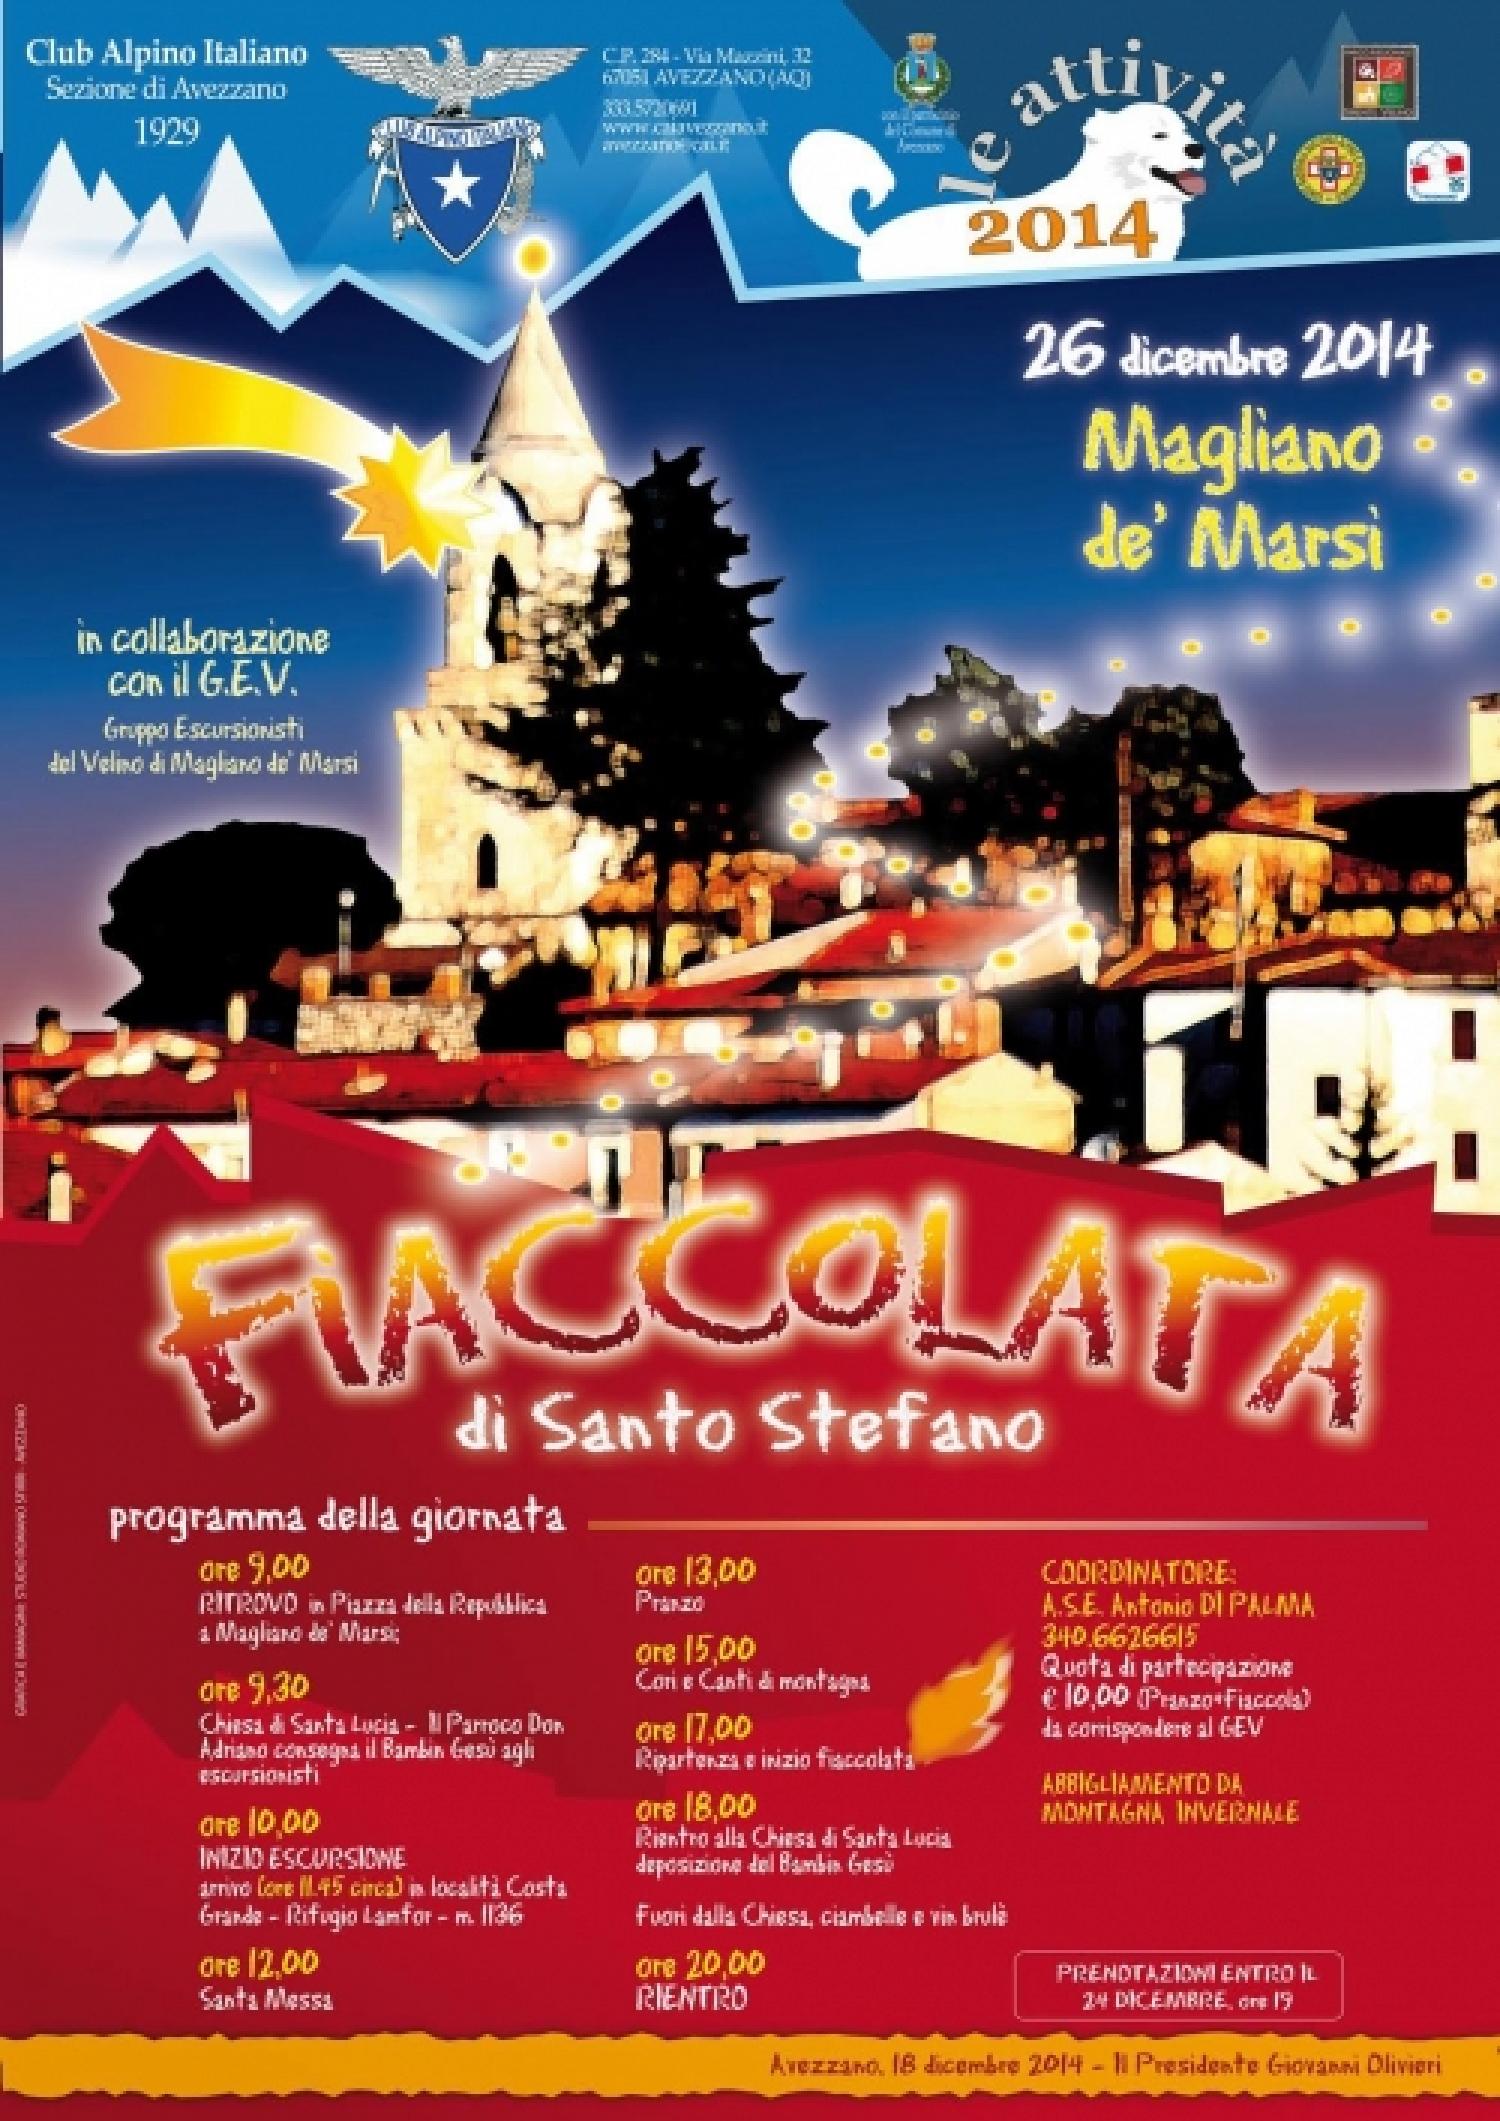 FIACCOLATA DI S. STEFANO MAGLIANO DE'MARSI 26 DIC.2014.jpg